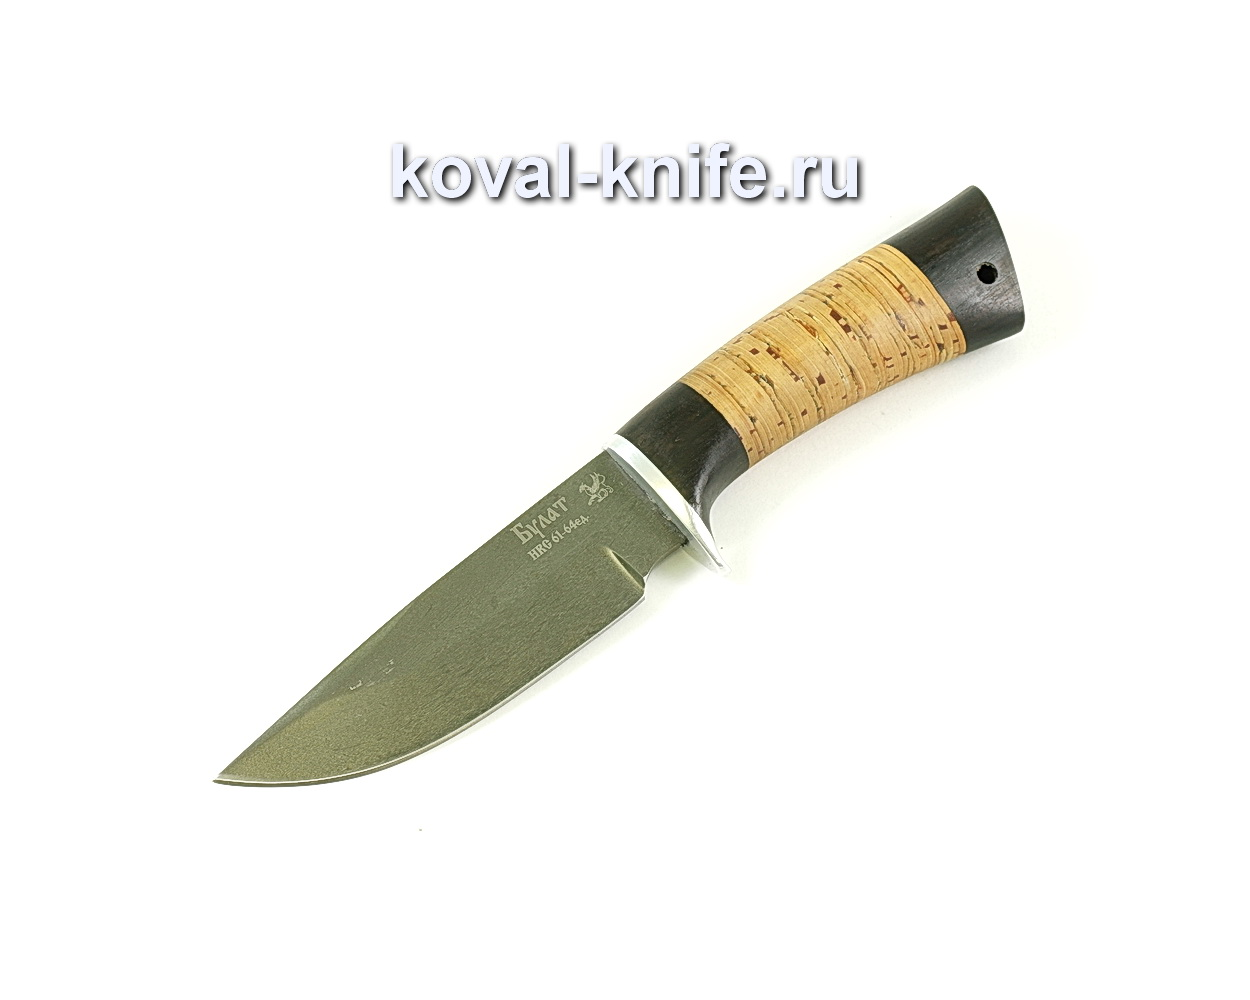 Нож Норвег (сталь Булат) рукоять венге, береста